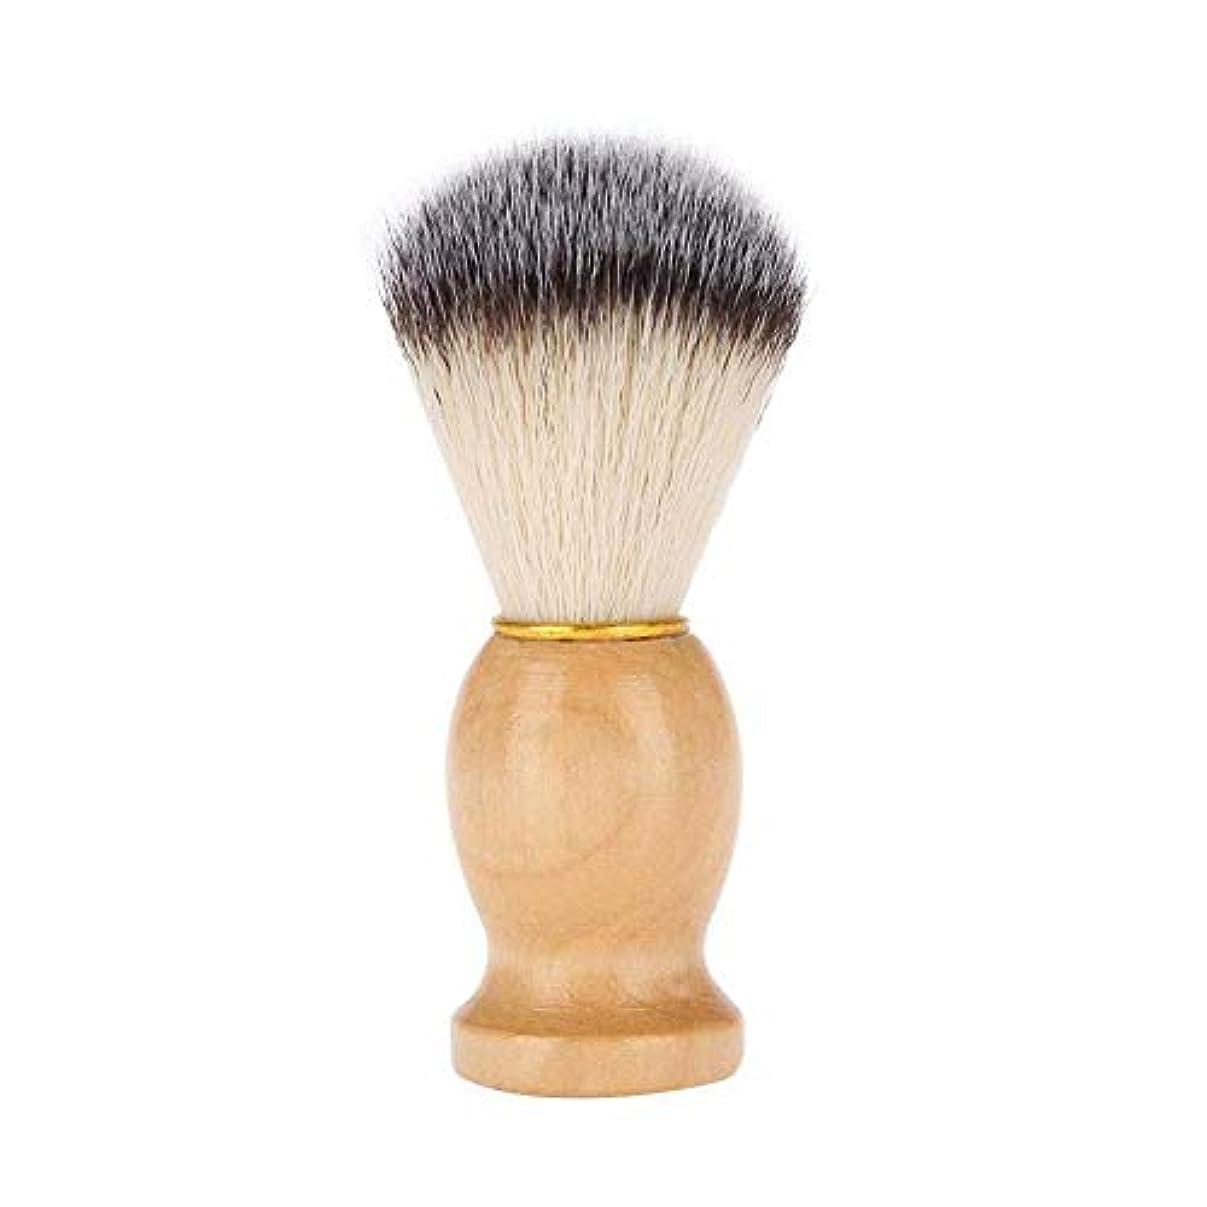 生き残ります芝生抹消毛髭ブラシと木製コ バガーヘア げブラシメンズシェービングブラシ シェービングブラシ